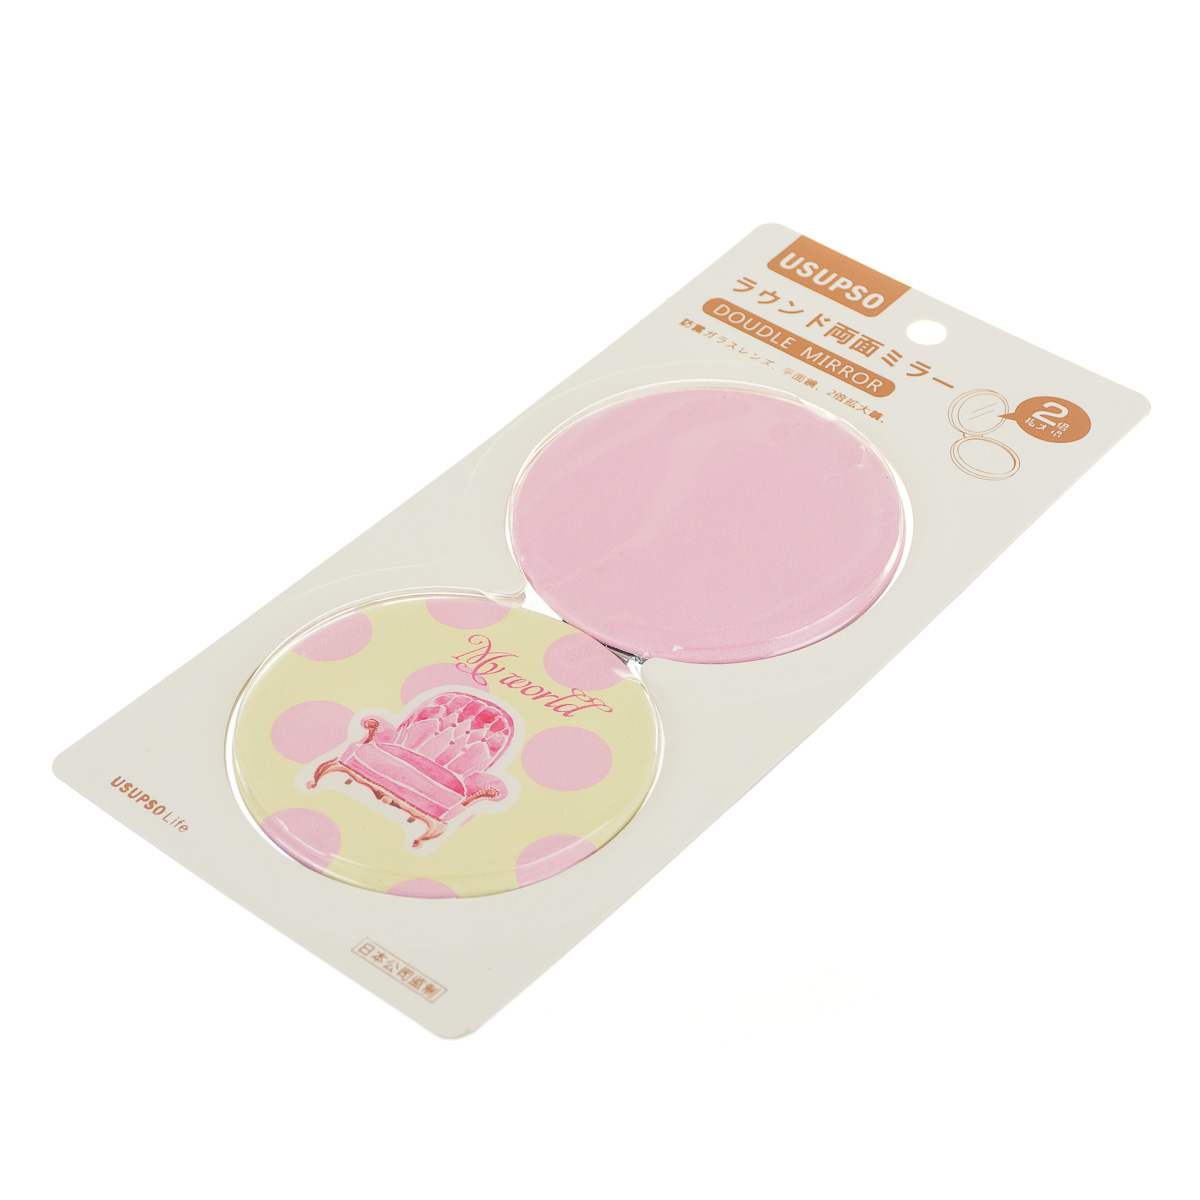 Зеркало косметическое складное круглое розовое с розовым креслом